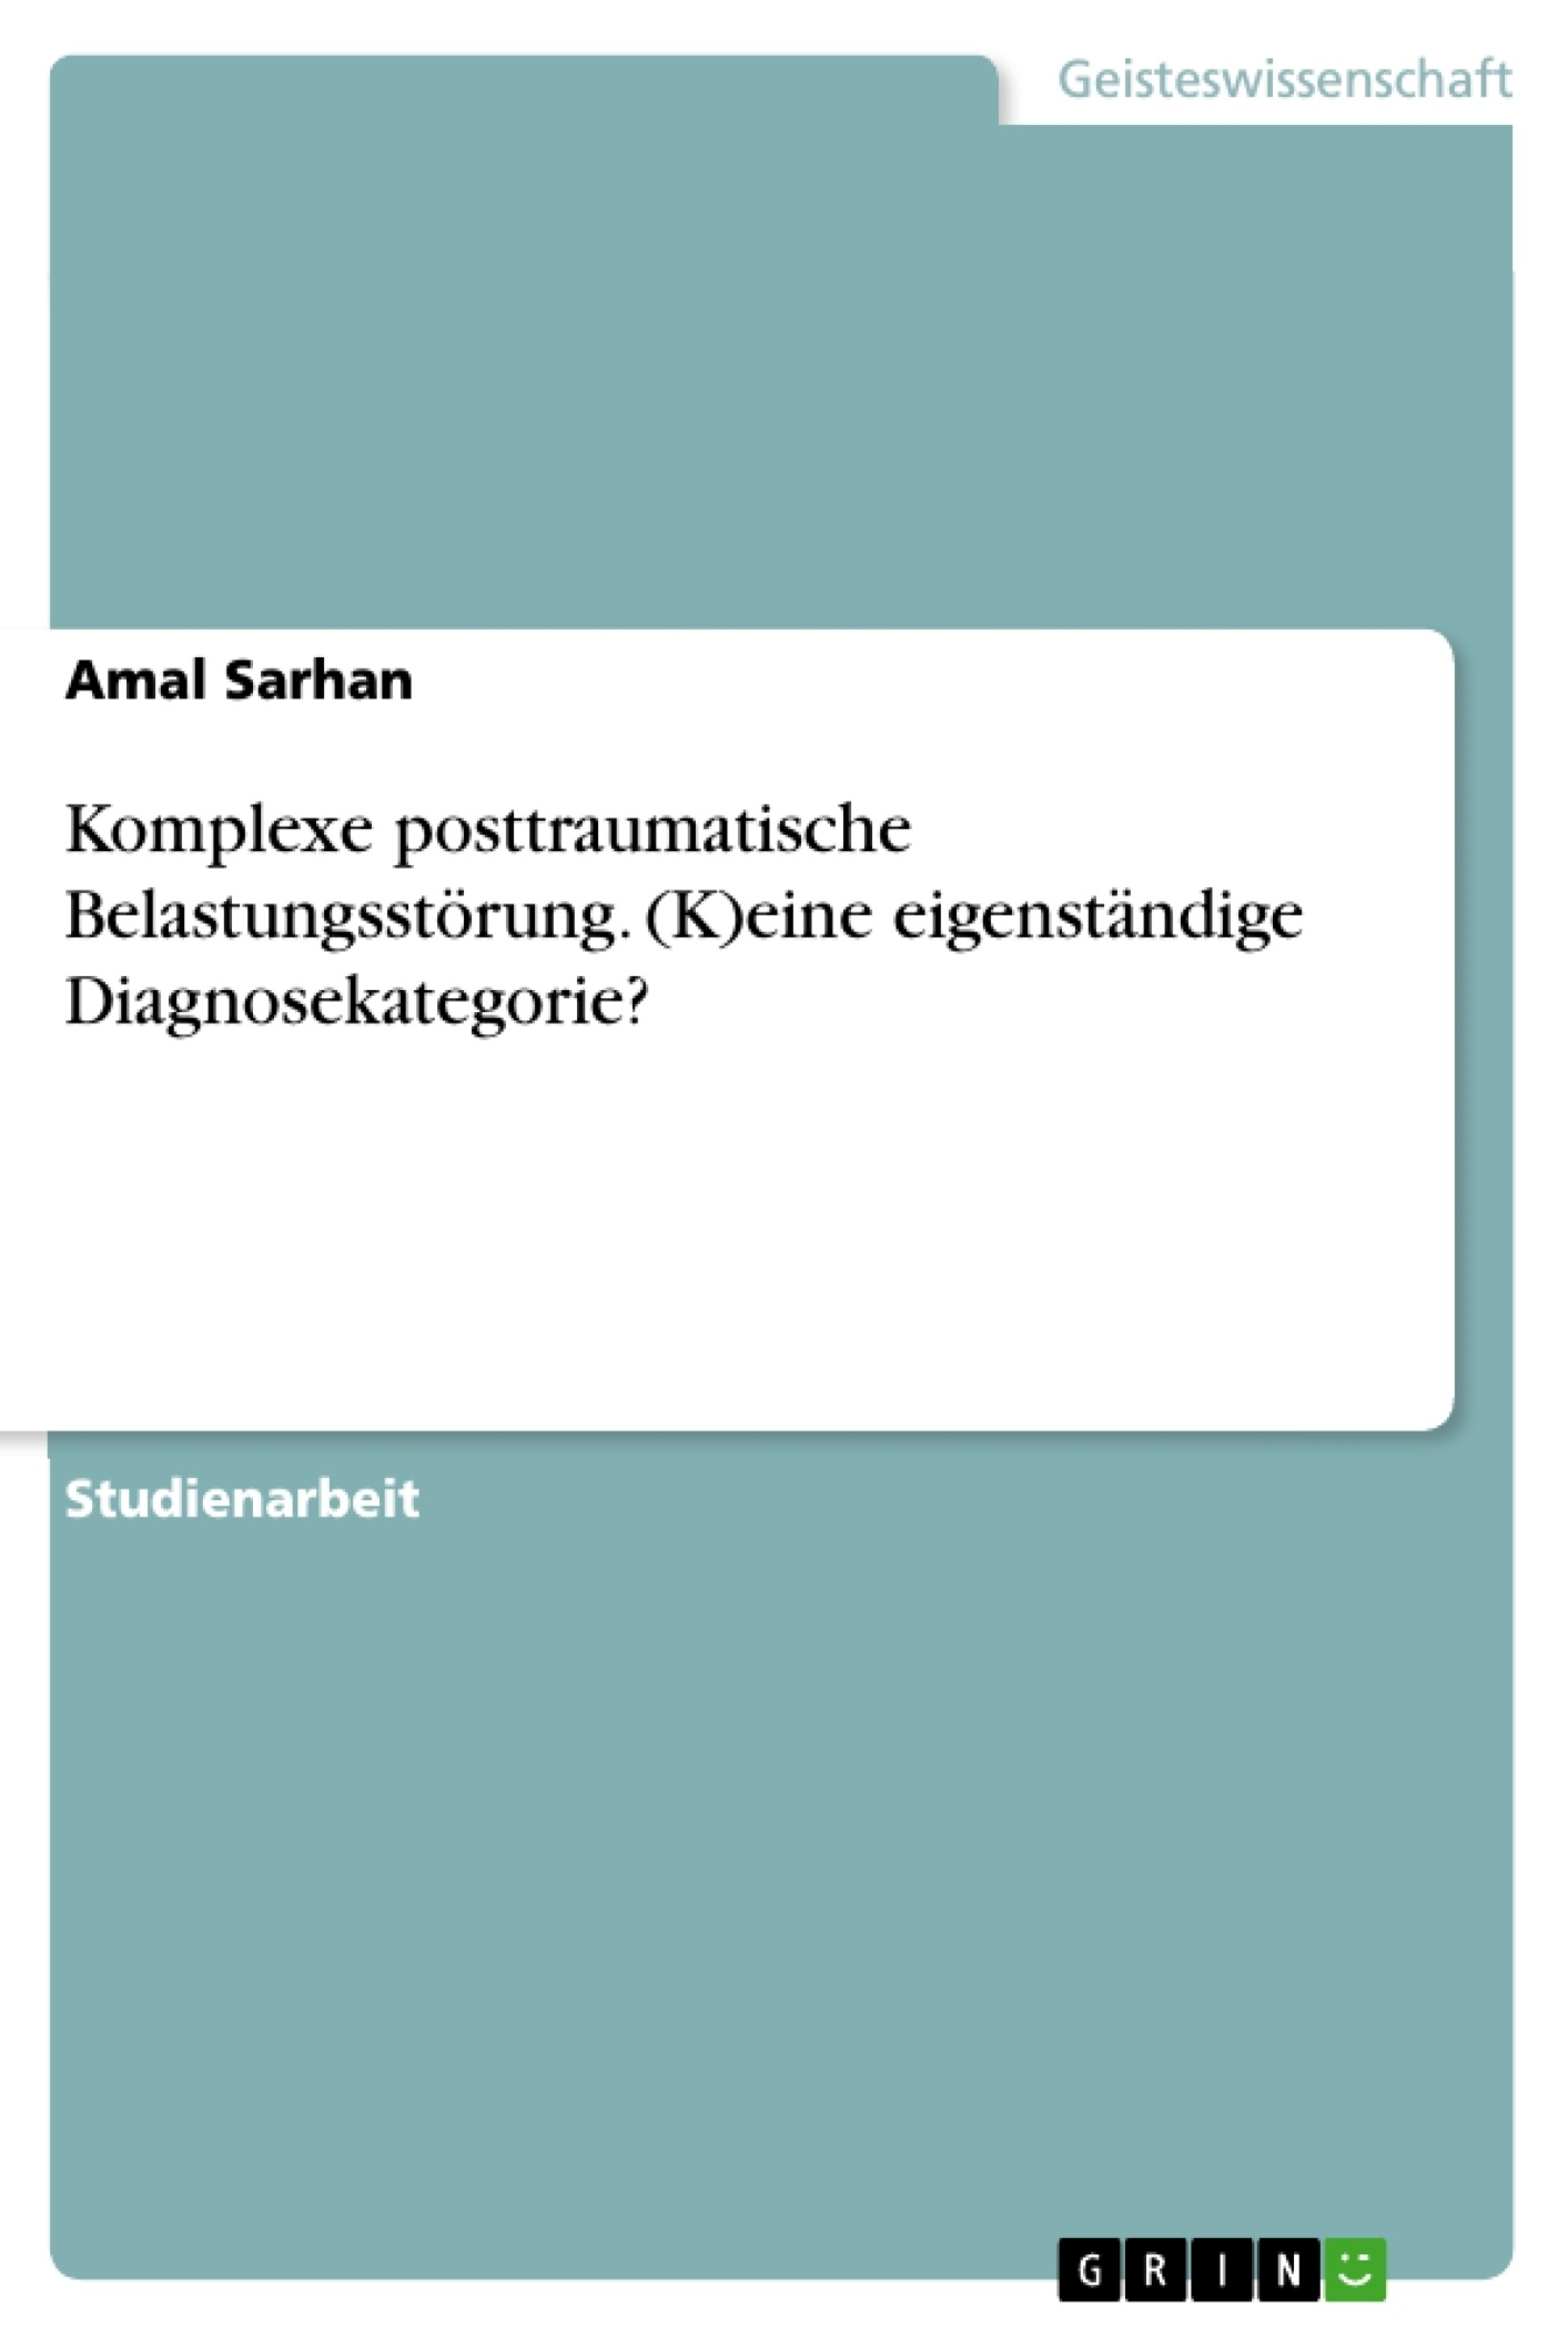 Titel: Komplexe posttraumatische Belastungsstörung. (K)eine eigenständige Diagnosekategorie?